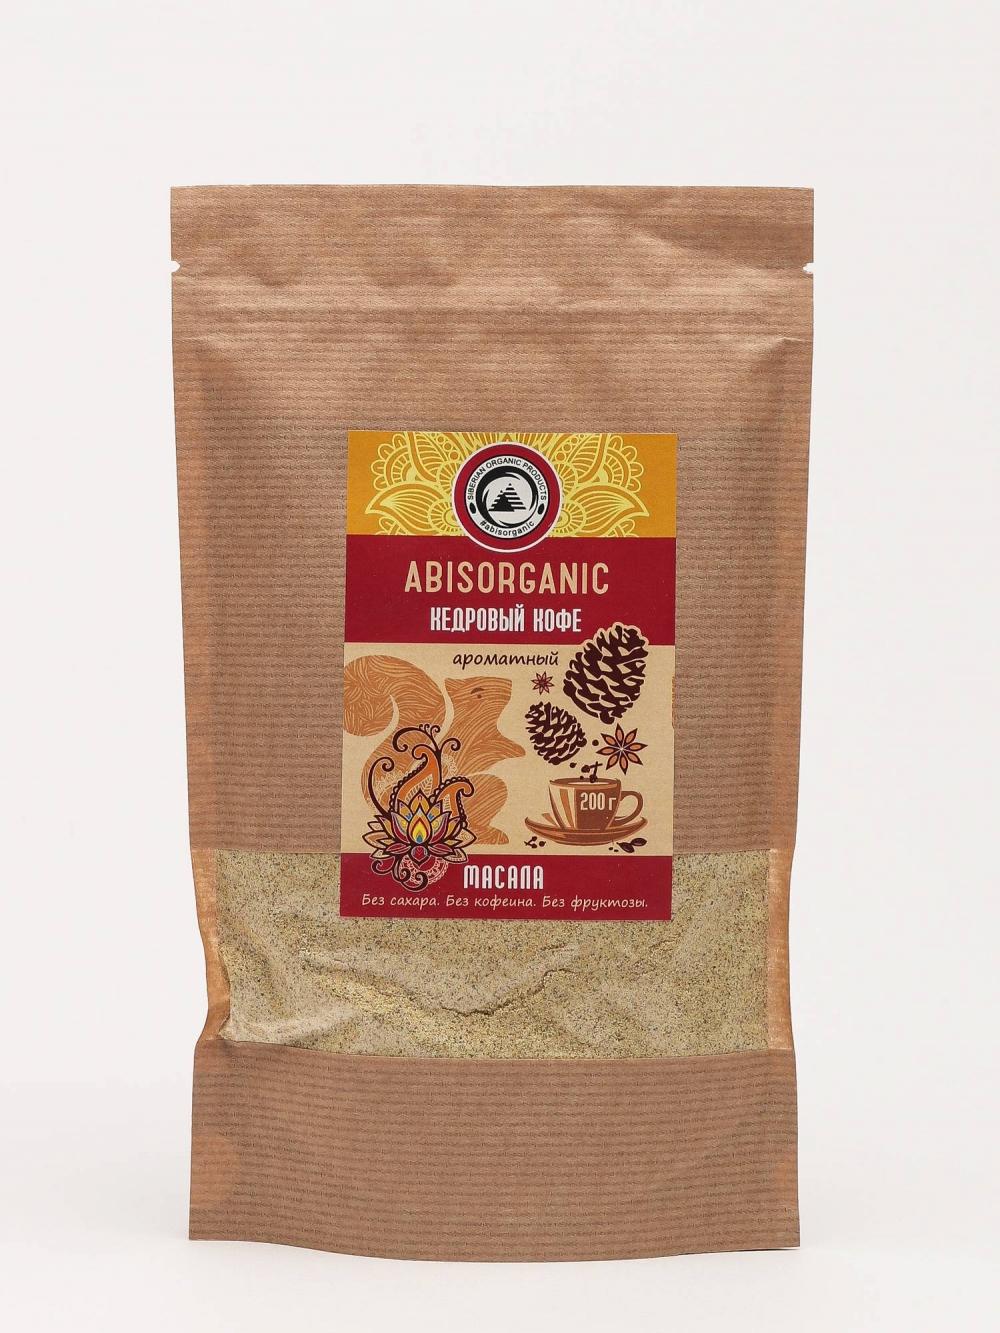 Кедровый кофе масала без сахара и кофеина, Abisorganic